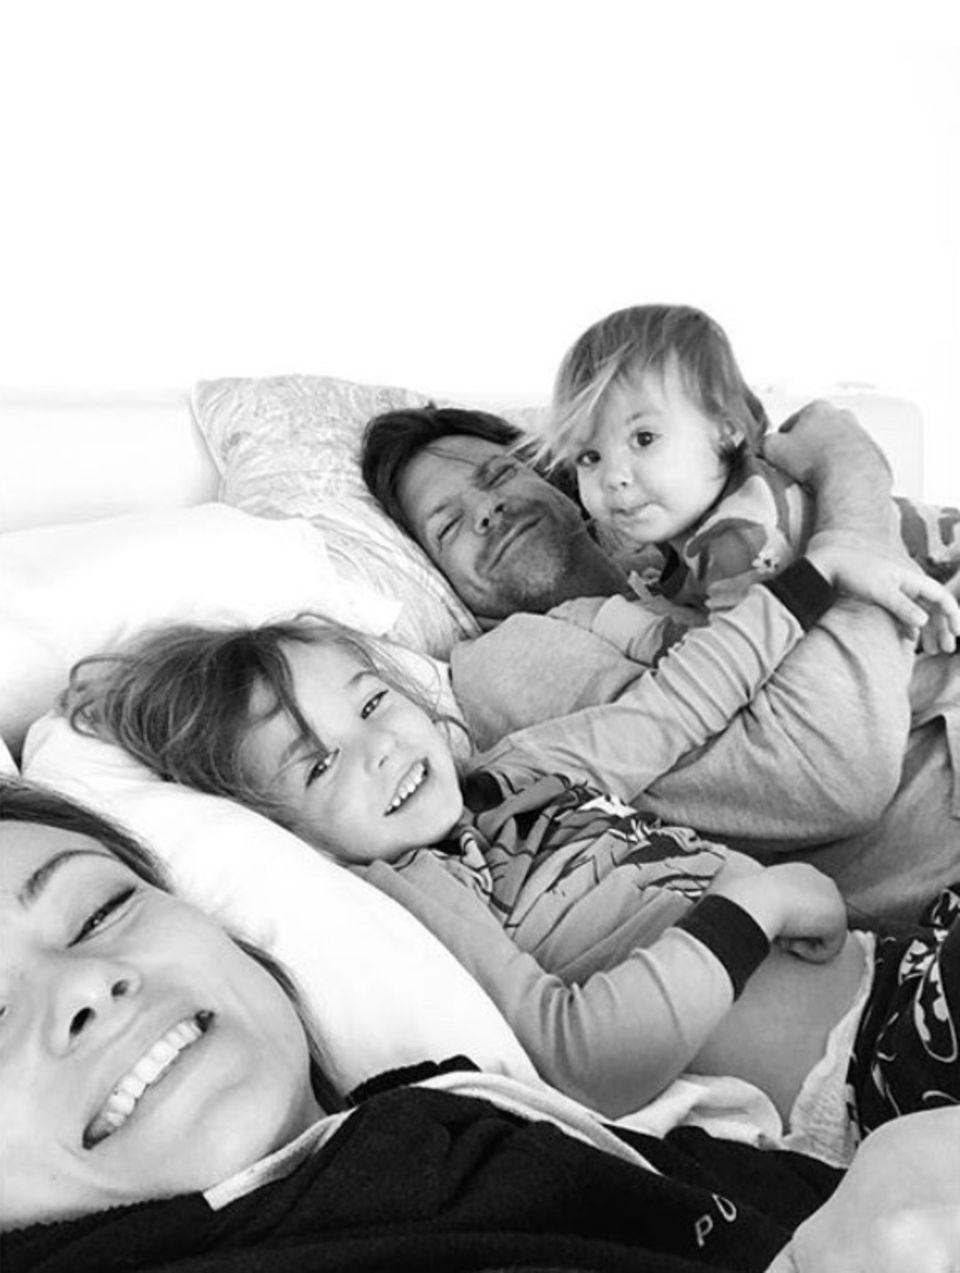 11. März 2018  Olivia Wilde feiert ihren 34. Geburtstag mit den Liebsten. Dabei entsteht dieses liebevolle Foto.